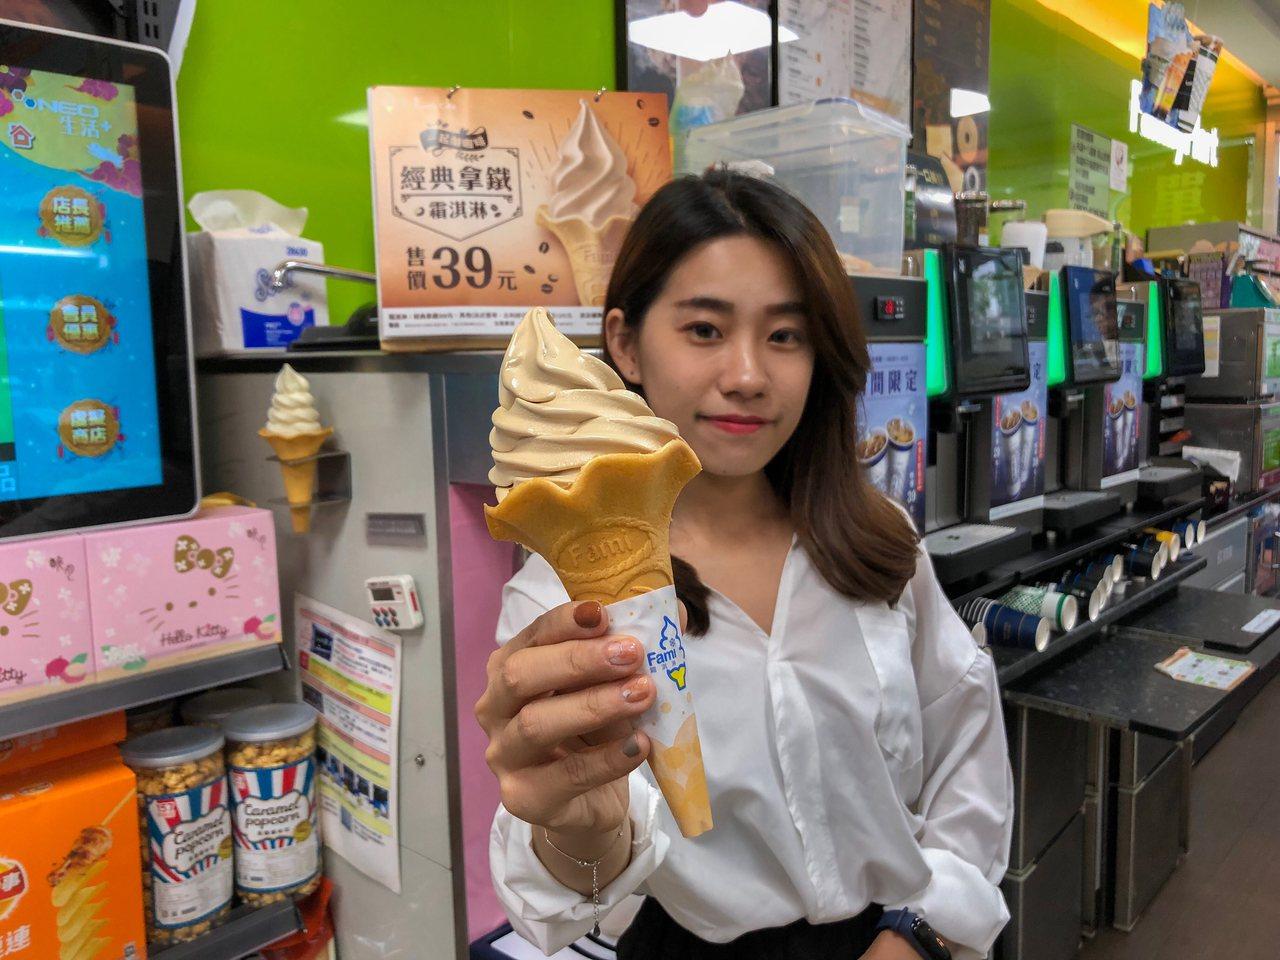 全家便利商店Let's Café、Fami霜淇淋首度聯名推出「經典拿鐵霜淇淋」,...